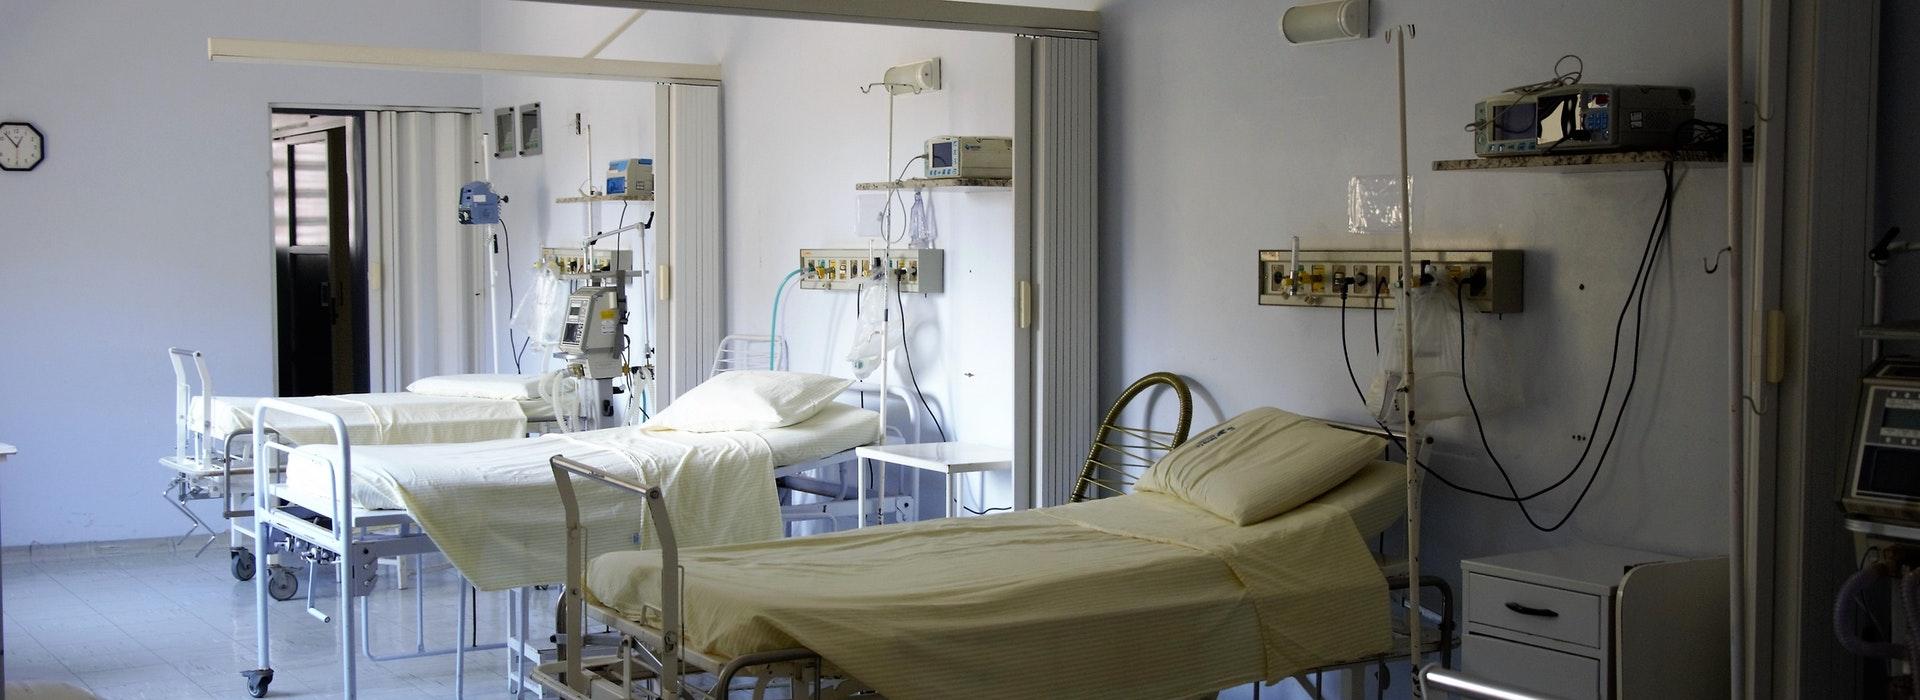 Trois lits vides, côte à côte, dans une chambre d'hôpital